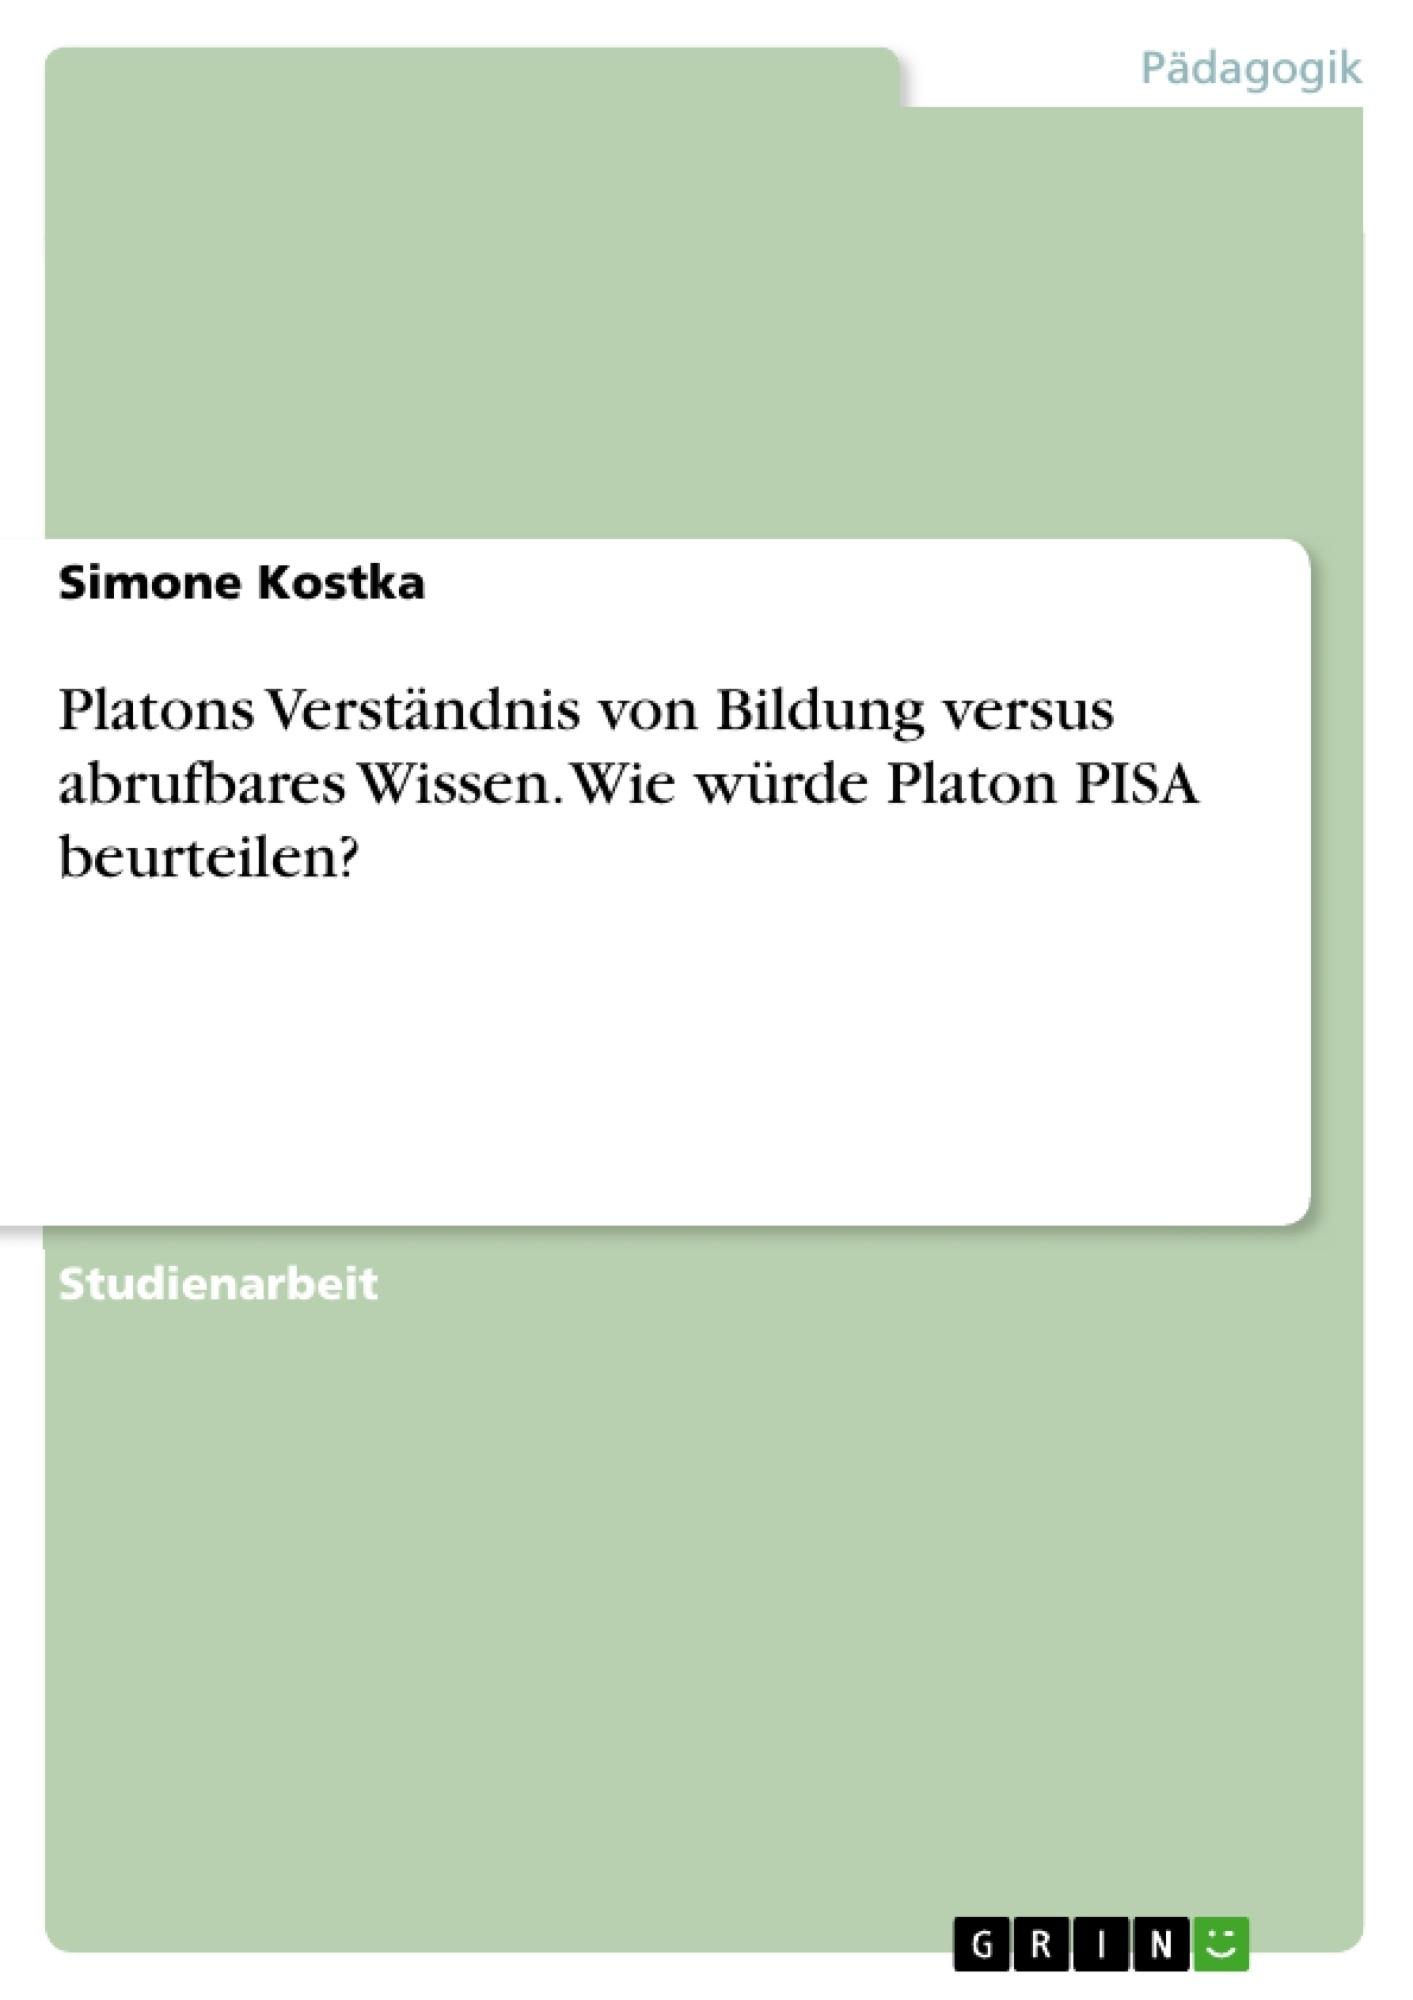 Titel: Platons Verständnis von Bildung versus abrufbares Wissen. Wie würde Platon PISA beurteilen?